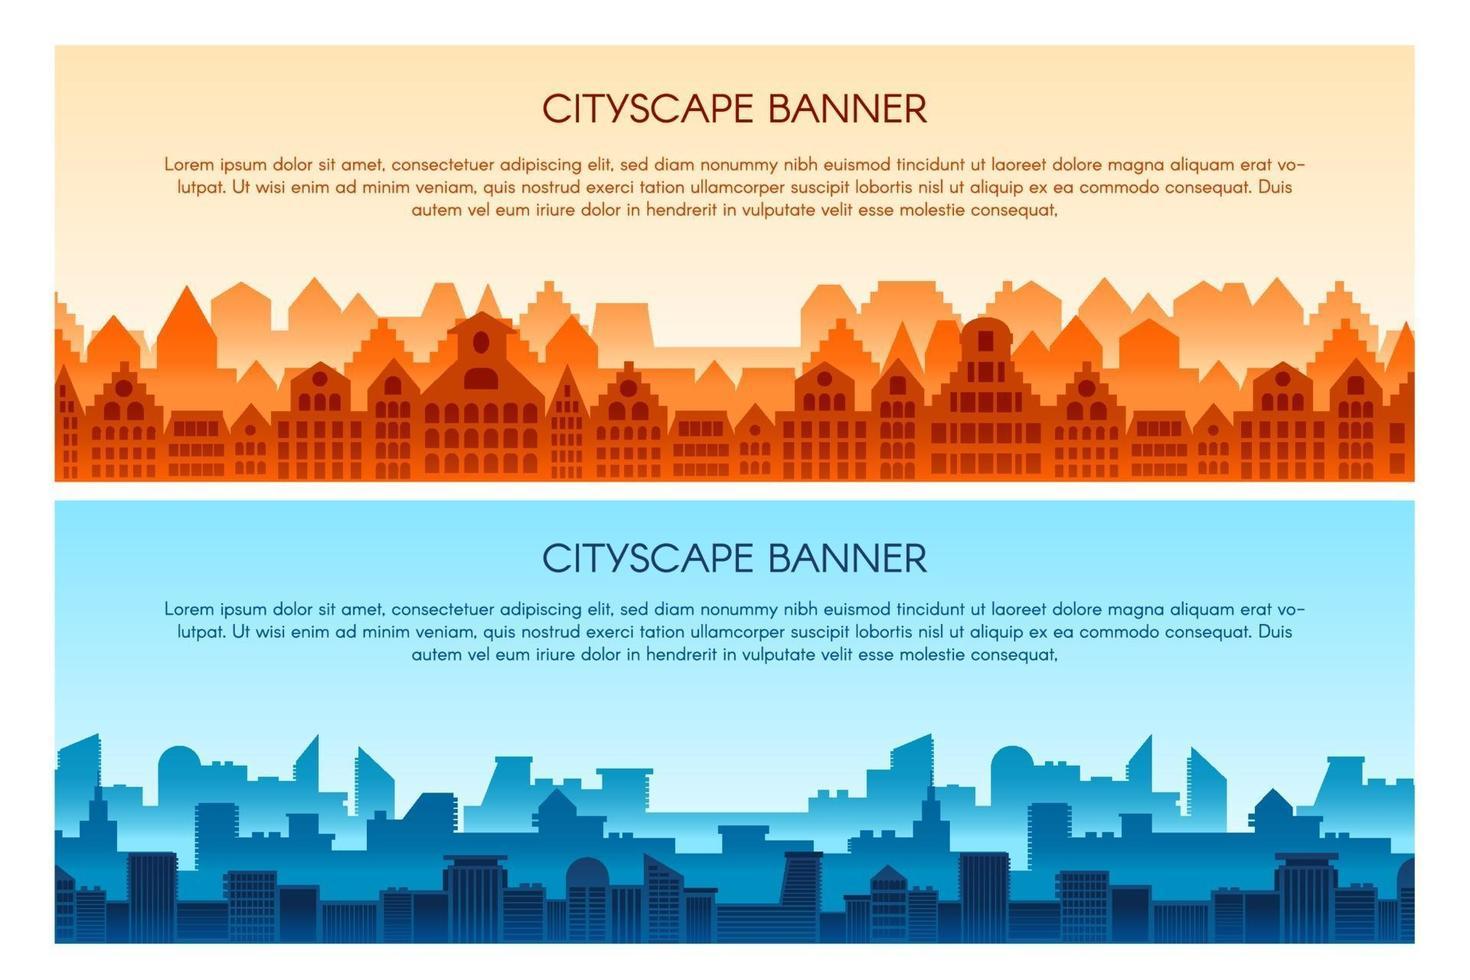 stadsbild platt vektor banner mallar set